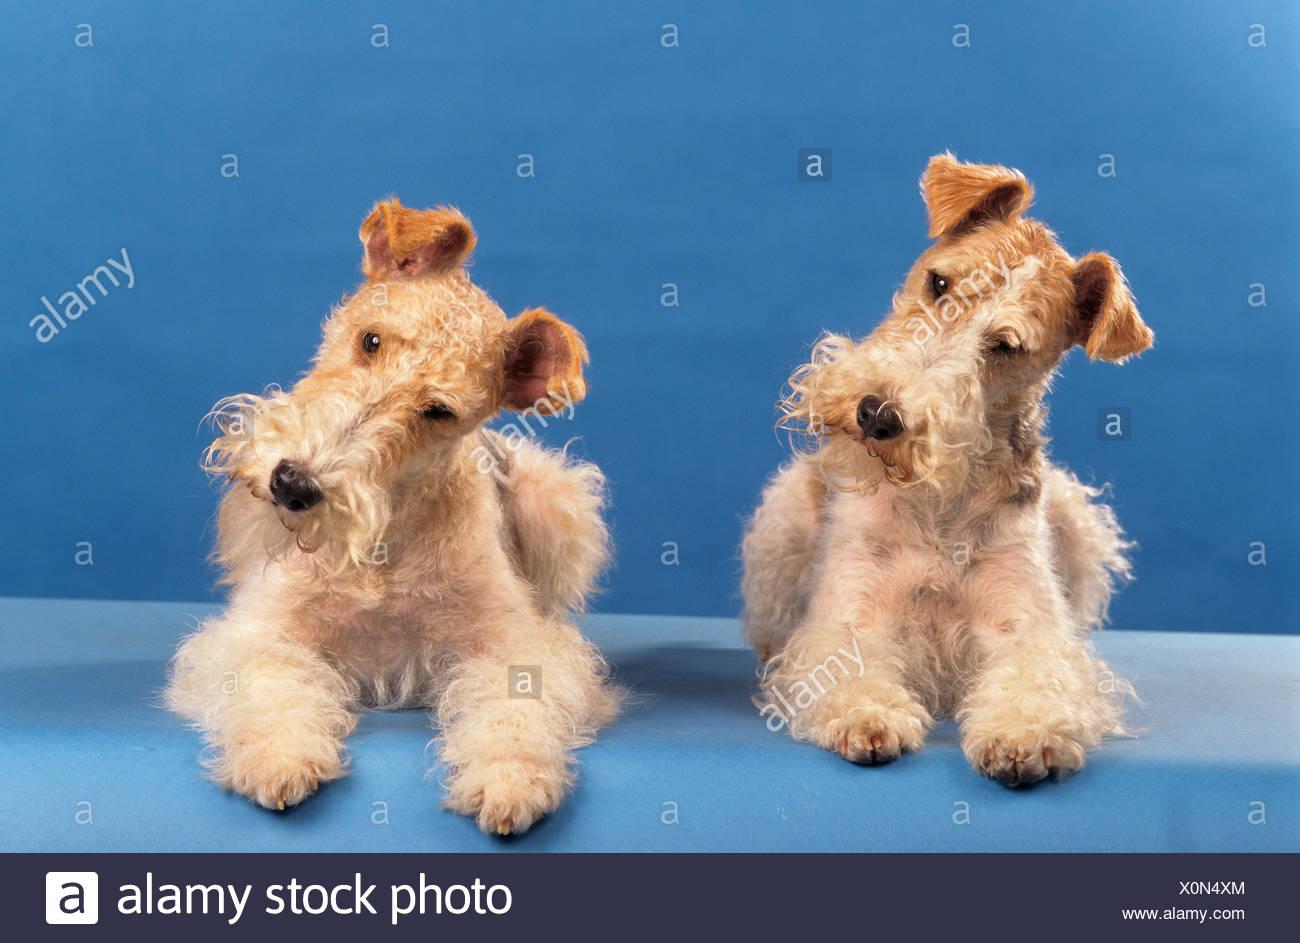 Wirehaired Fox Terrier Stockfotos & Wirehaired Fox Terrier Bilder ...